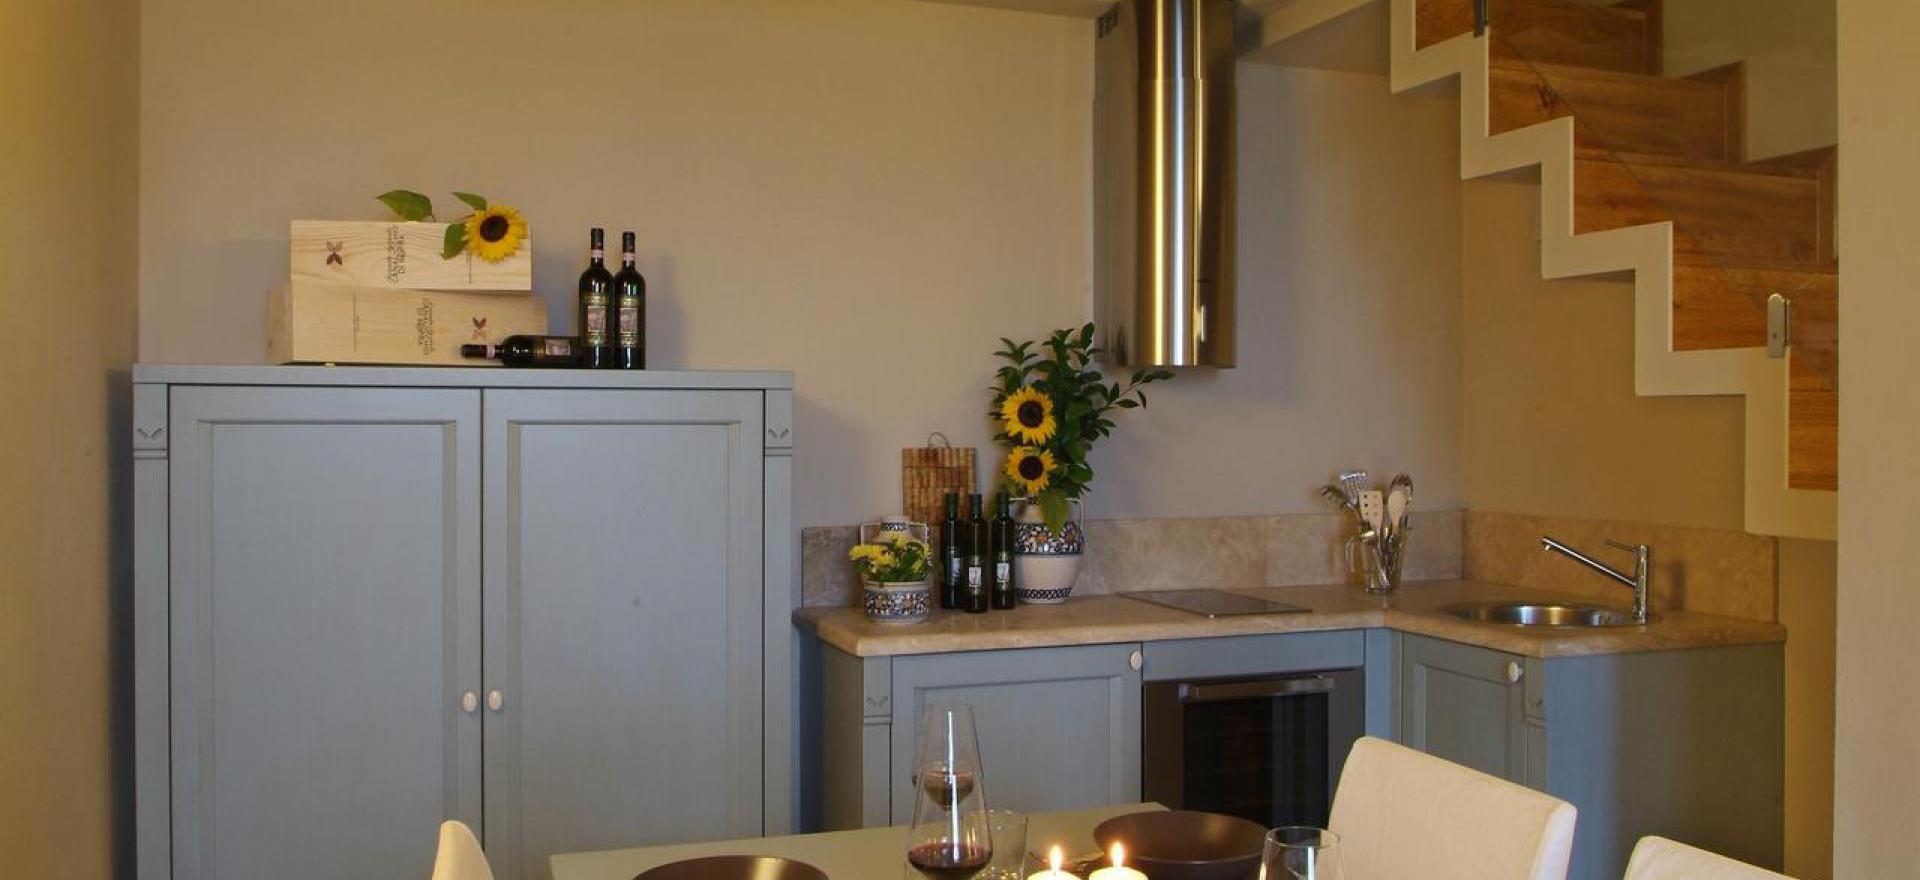 Luxe agriturismo tussen wijngaarden van de Brunello